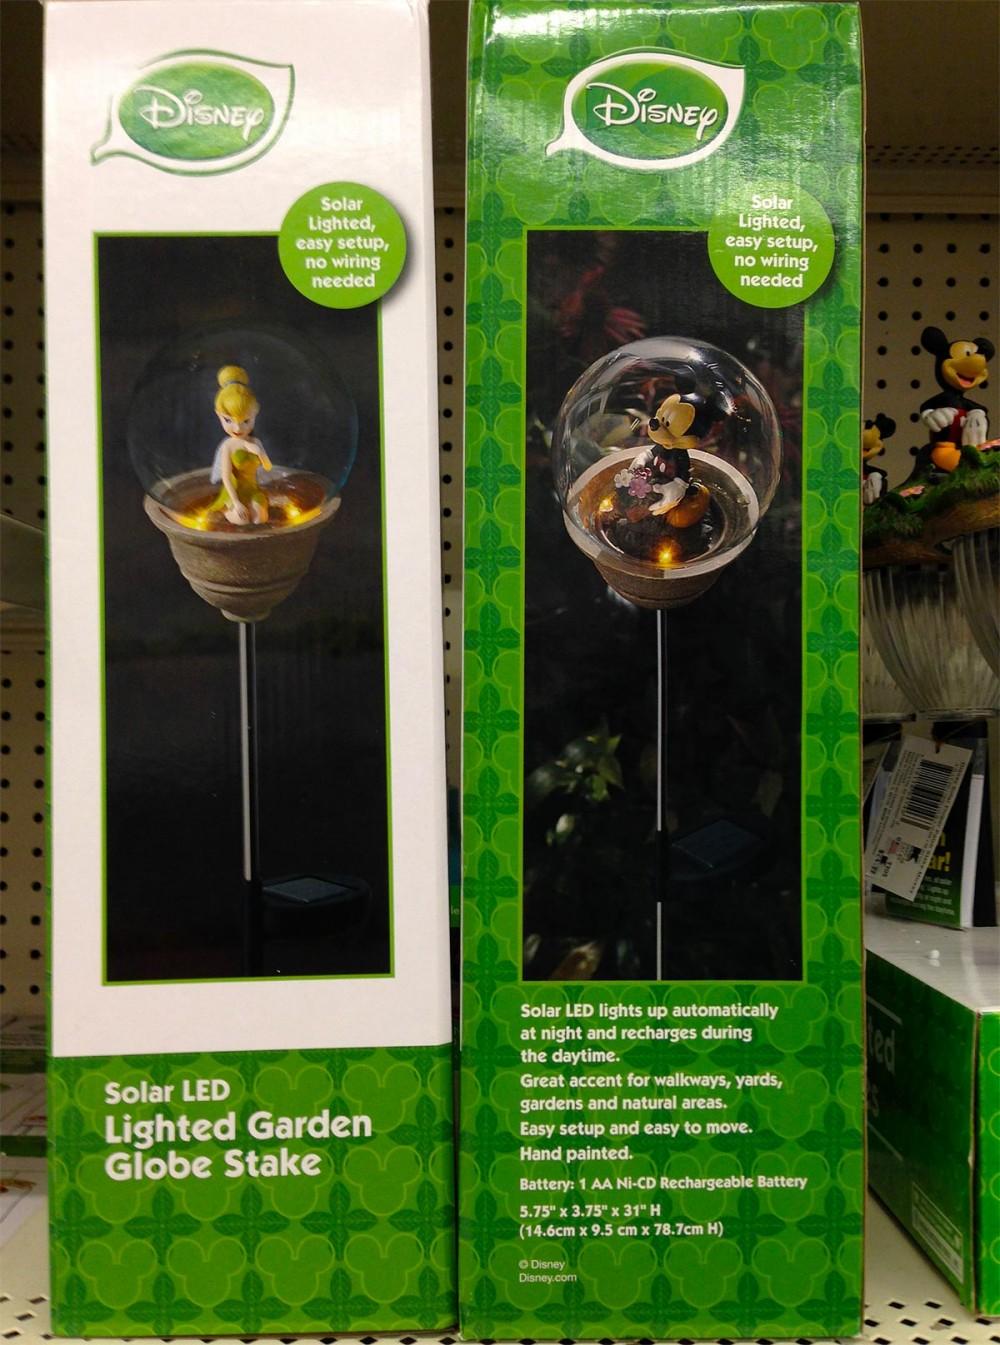 ガラスボールの中に座ったミッキーとティンカーベル ディズニーのLEDガーデンライト